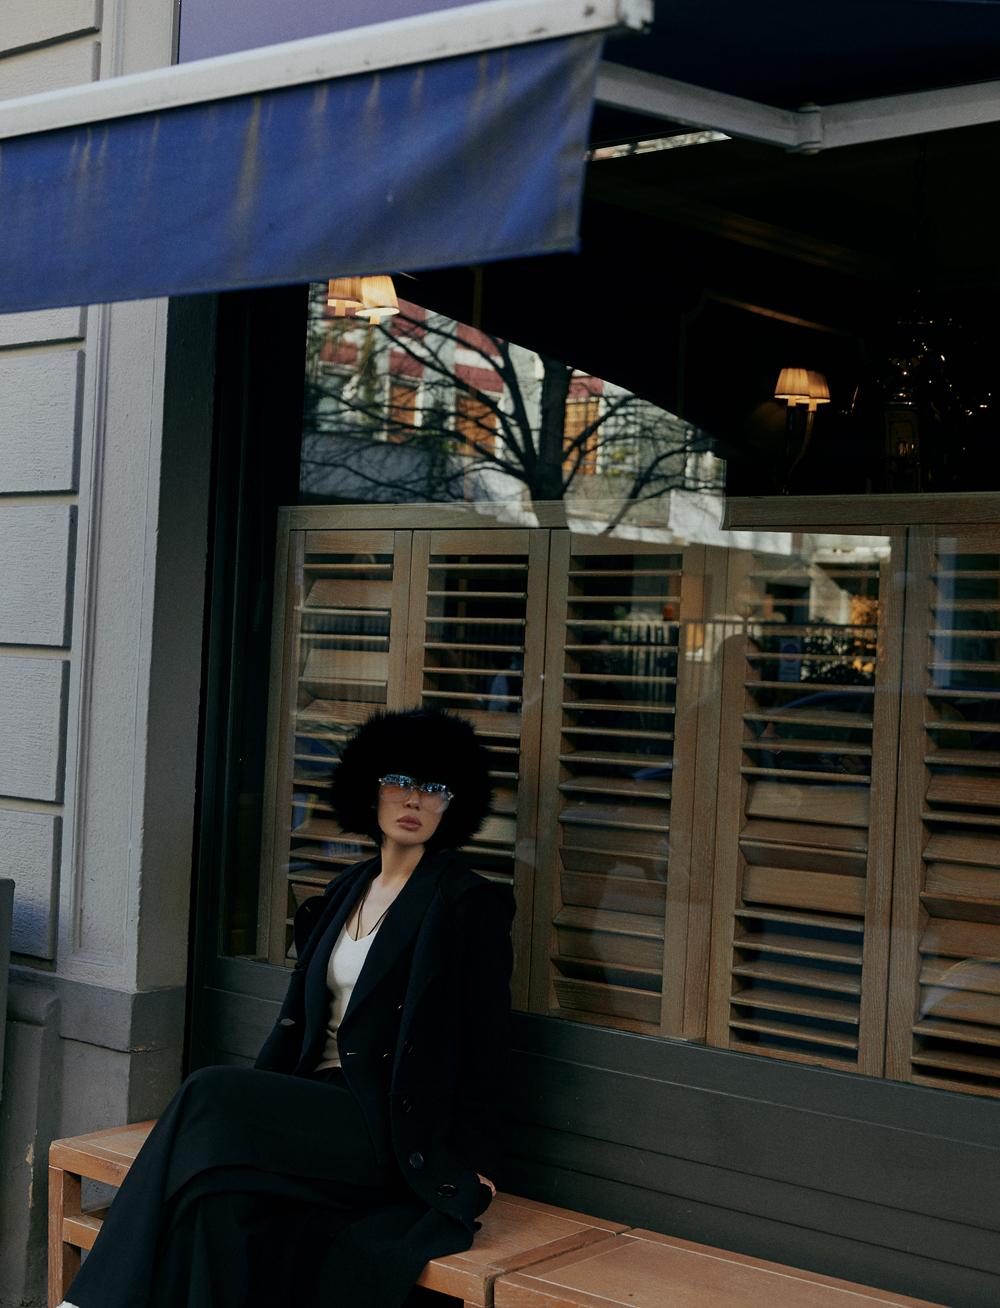 余男最新街拍释出 漫步米兰街头追寻时尚真谛